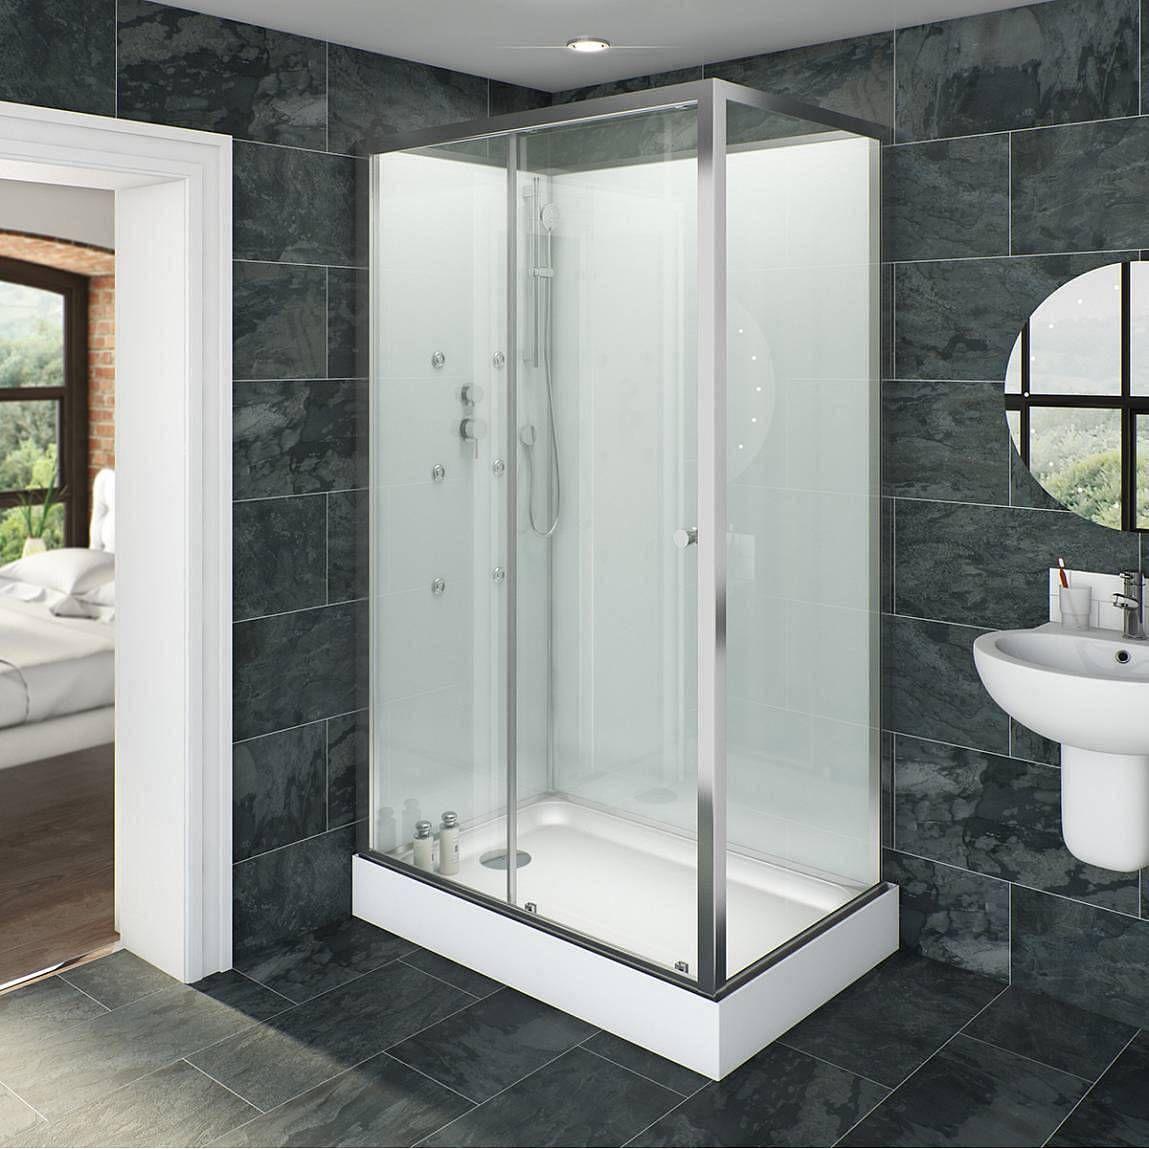 Glass backed rectangular shower cabin 1200 x 800 | Shower cabin ...